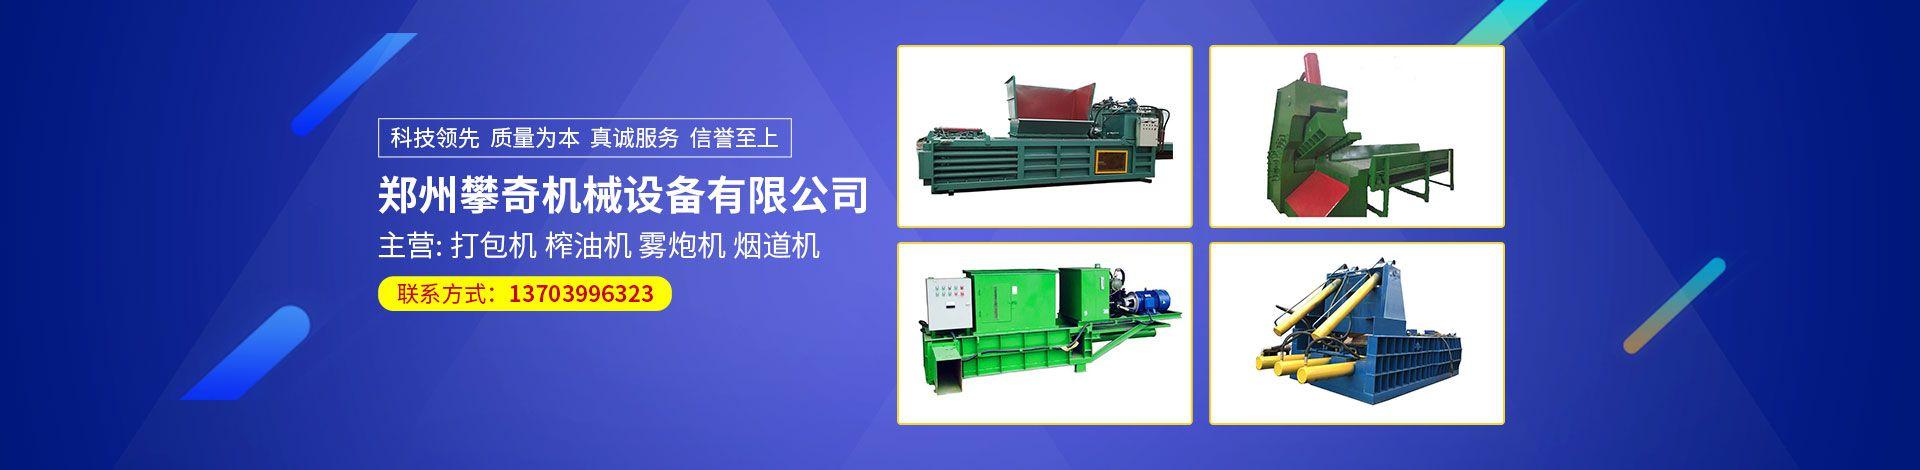 郑州攀奇机械设备有限公司